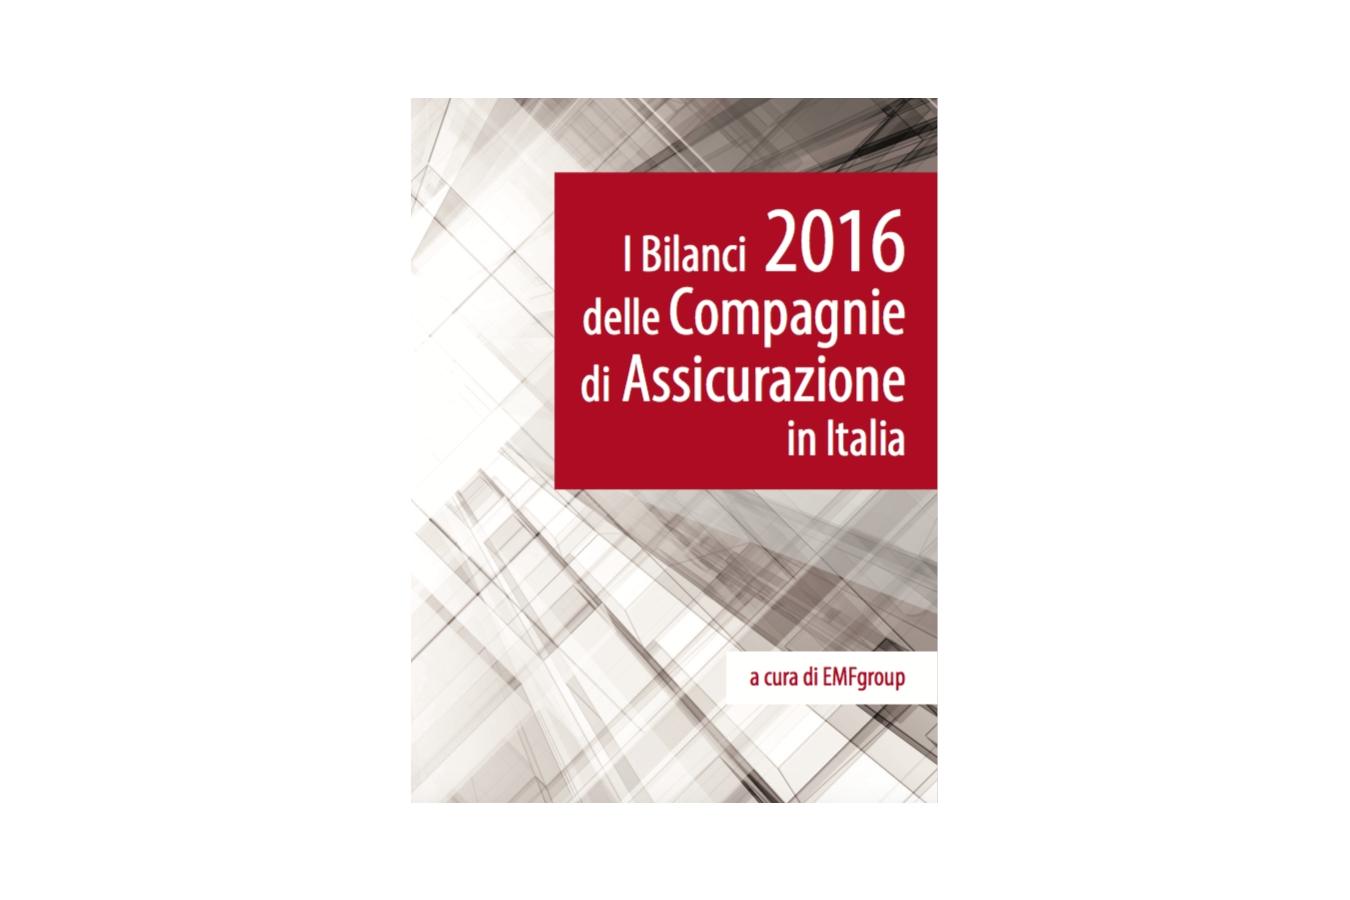 I Bilanci 2016 delle Compagnie di Assicurazioni in Italia Imc